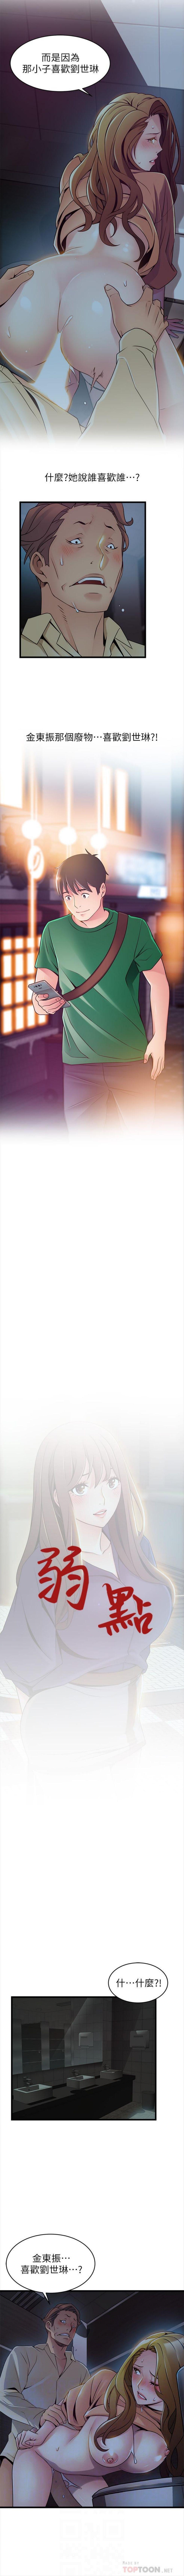 (週7)弱點 1-76 中文翻譯(更新中) 405